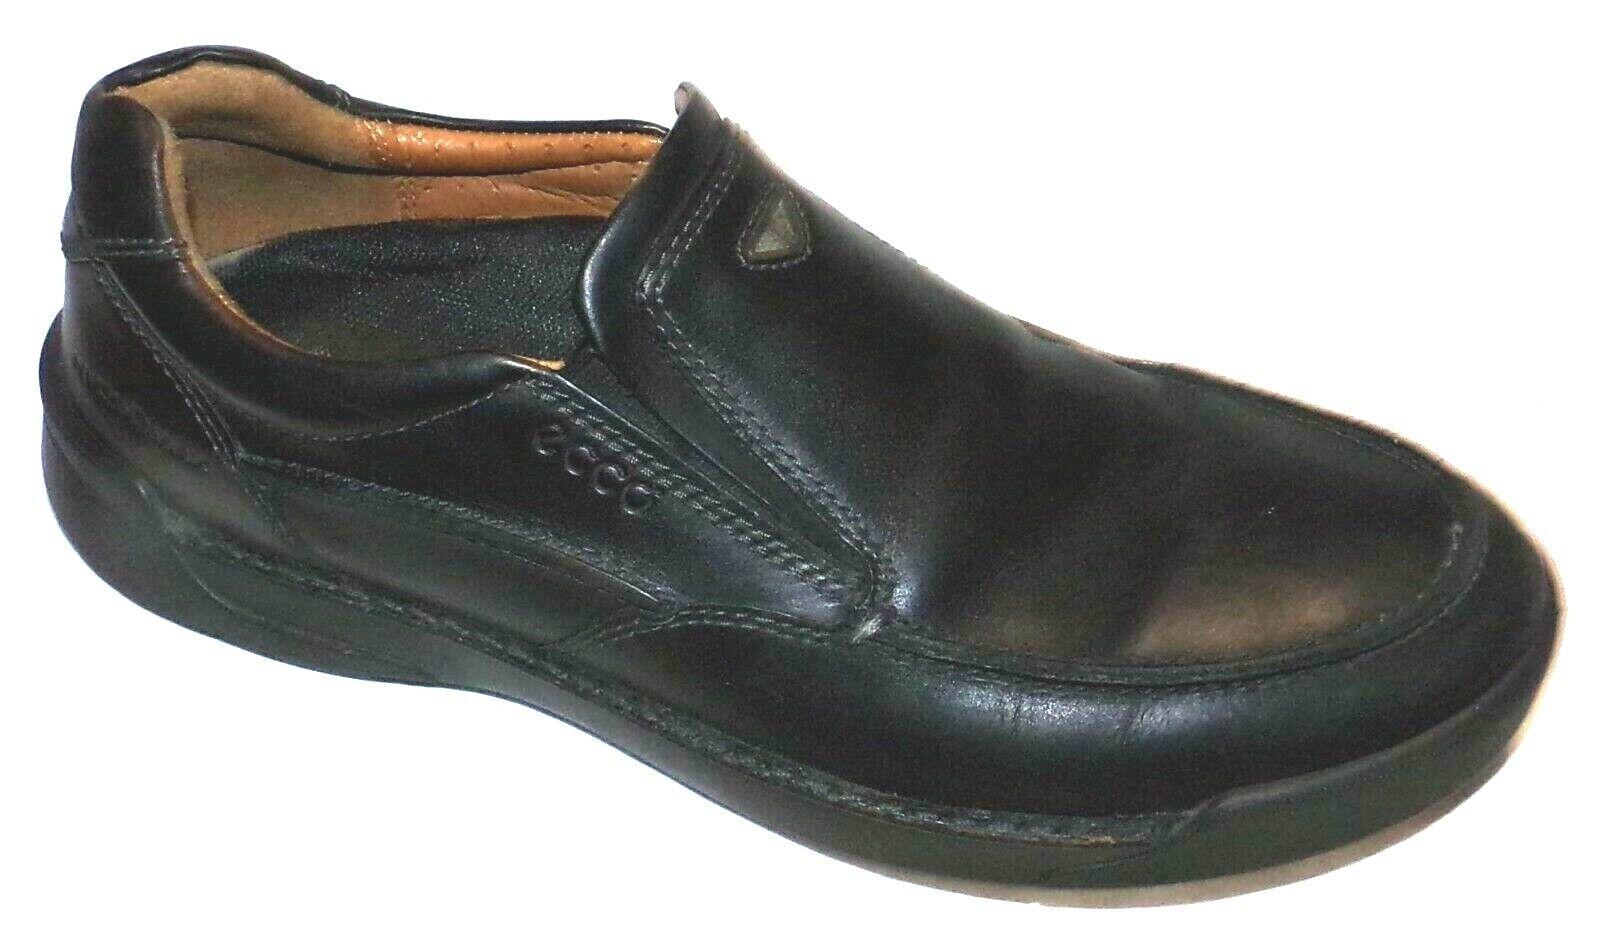 81da74fa404 ECCO HYDRO MAX WATERPROOF SLIP OXFORD MOCS OVER 95% TREAD SIZE-43 ON MENS  nqgzca7659-Casual Shoes